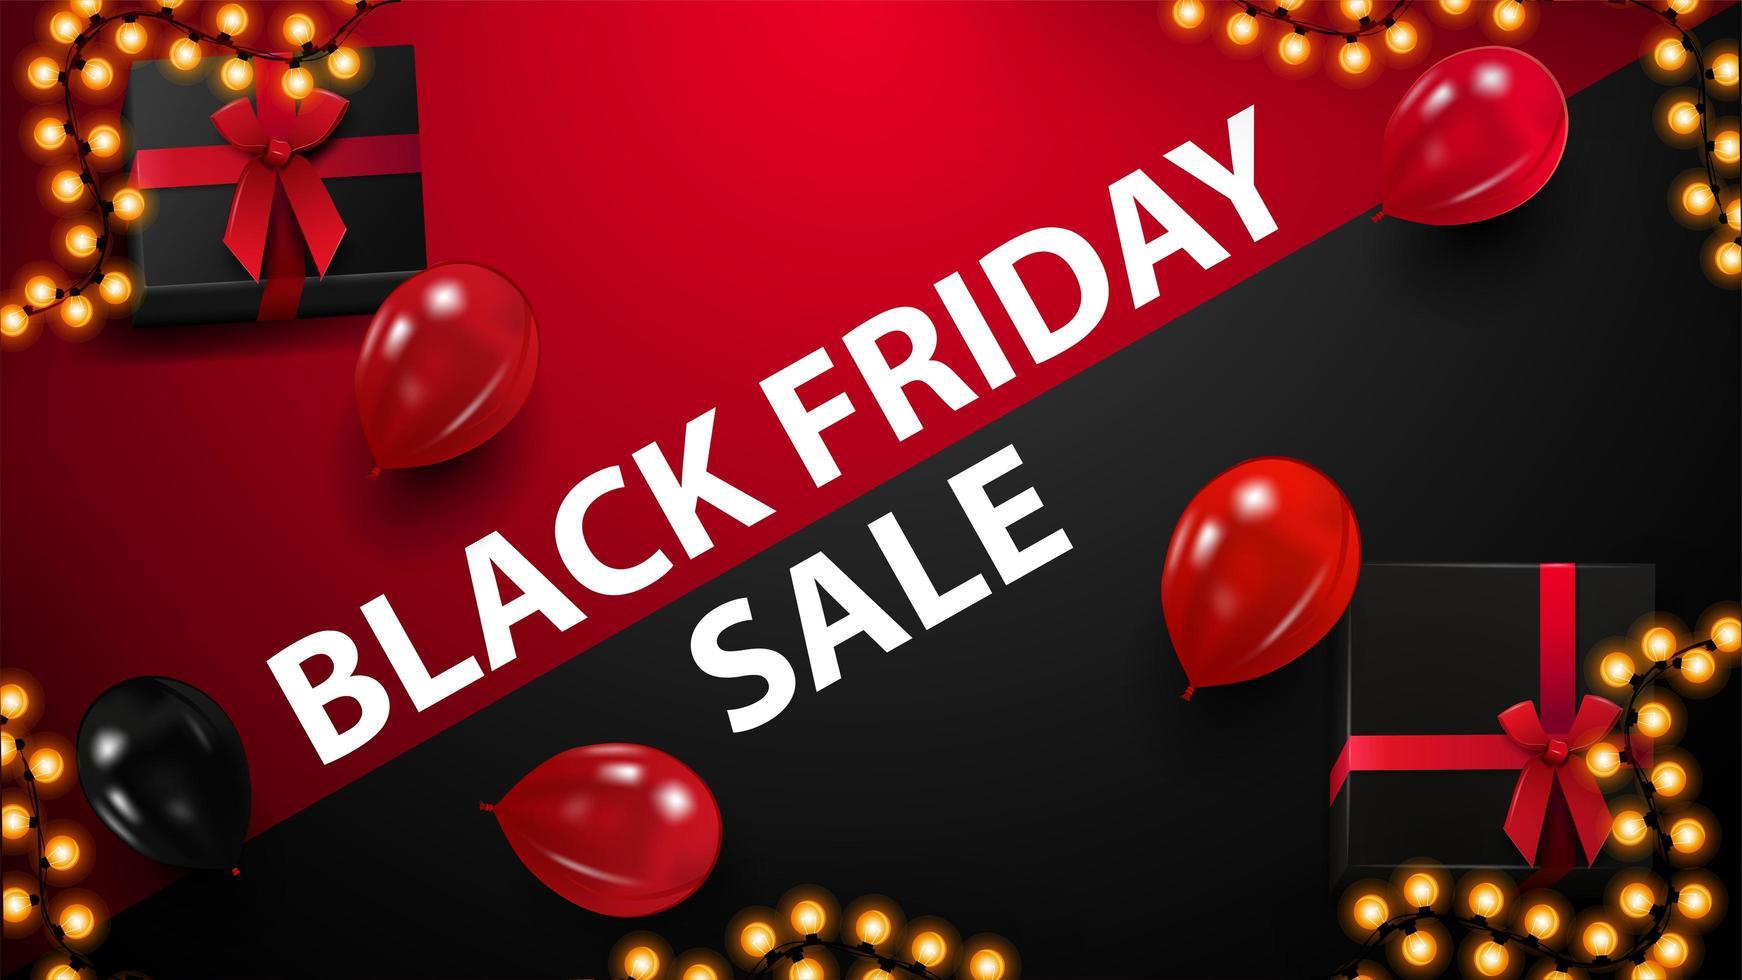 röd och svart rabatt banner för svart fredag vektor